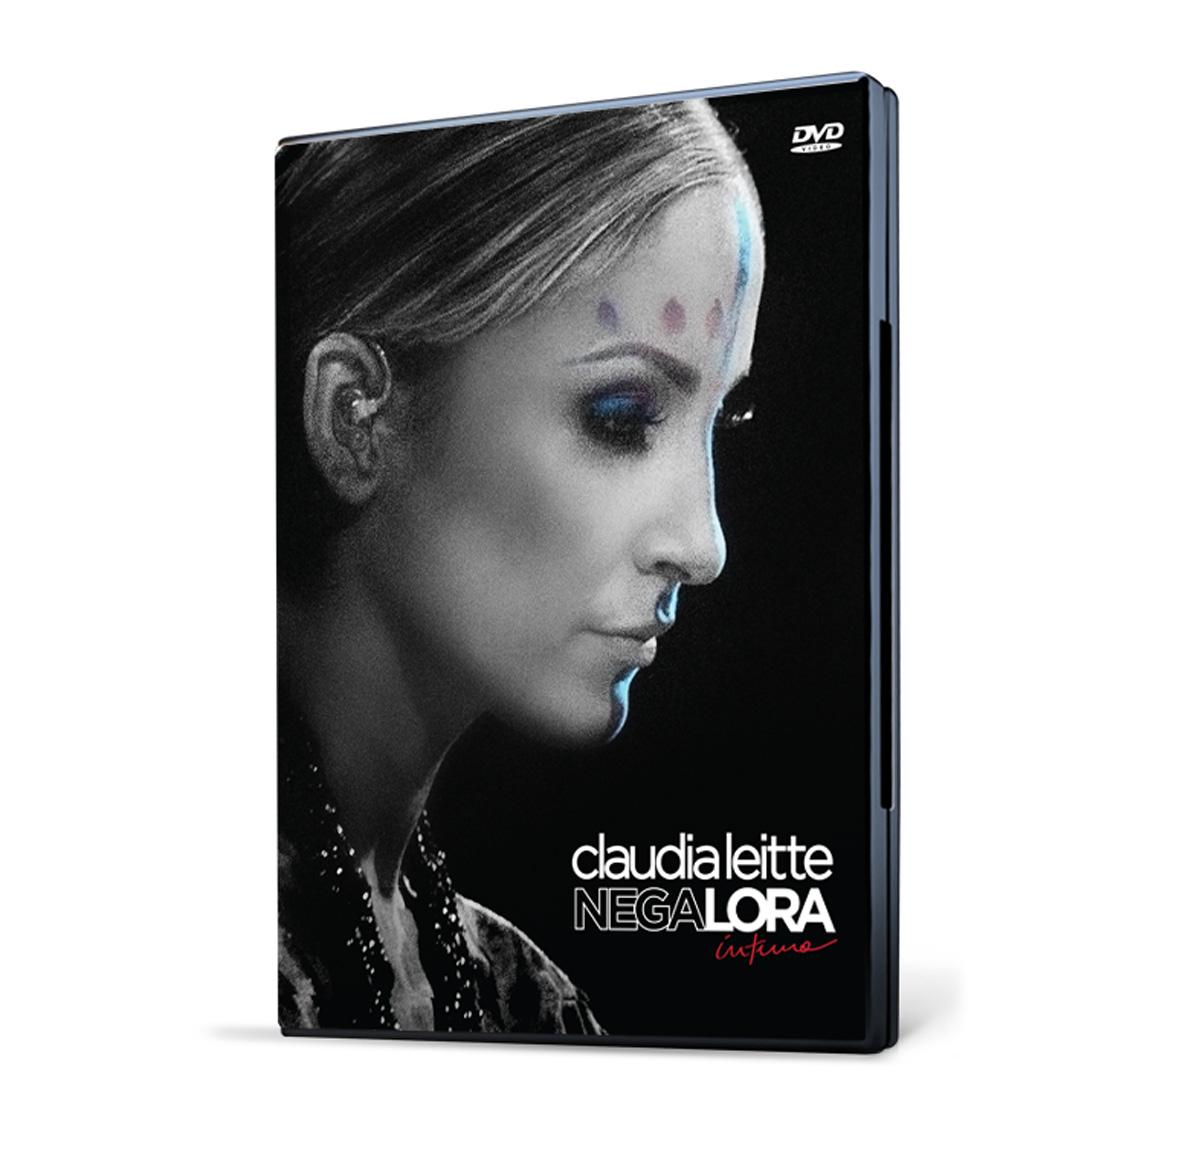 DVD Claudia Leitte Negalora